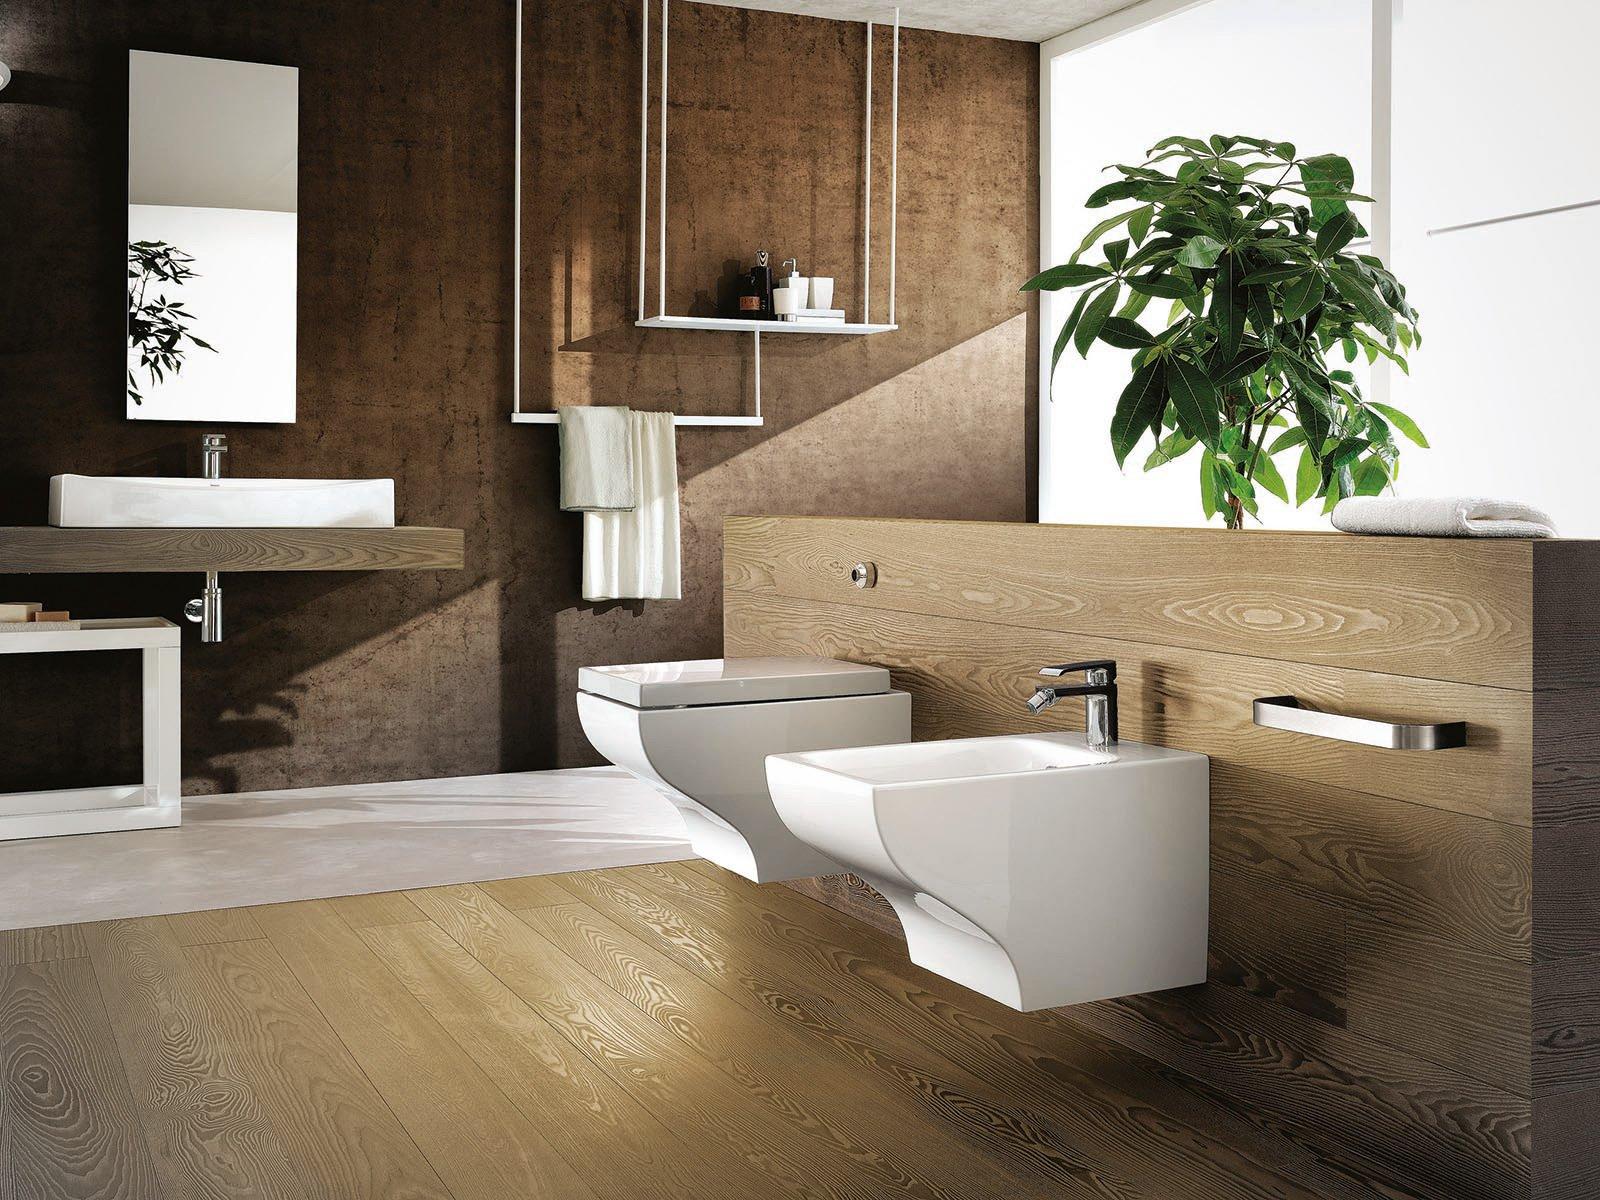 Sanitari sospesi per un bagno contemporaneo cose di casa - Bagno di casa ...